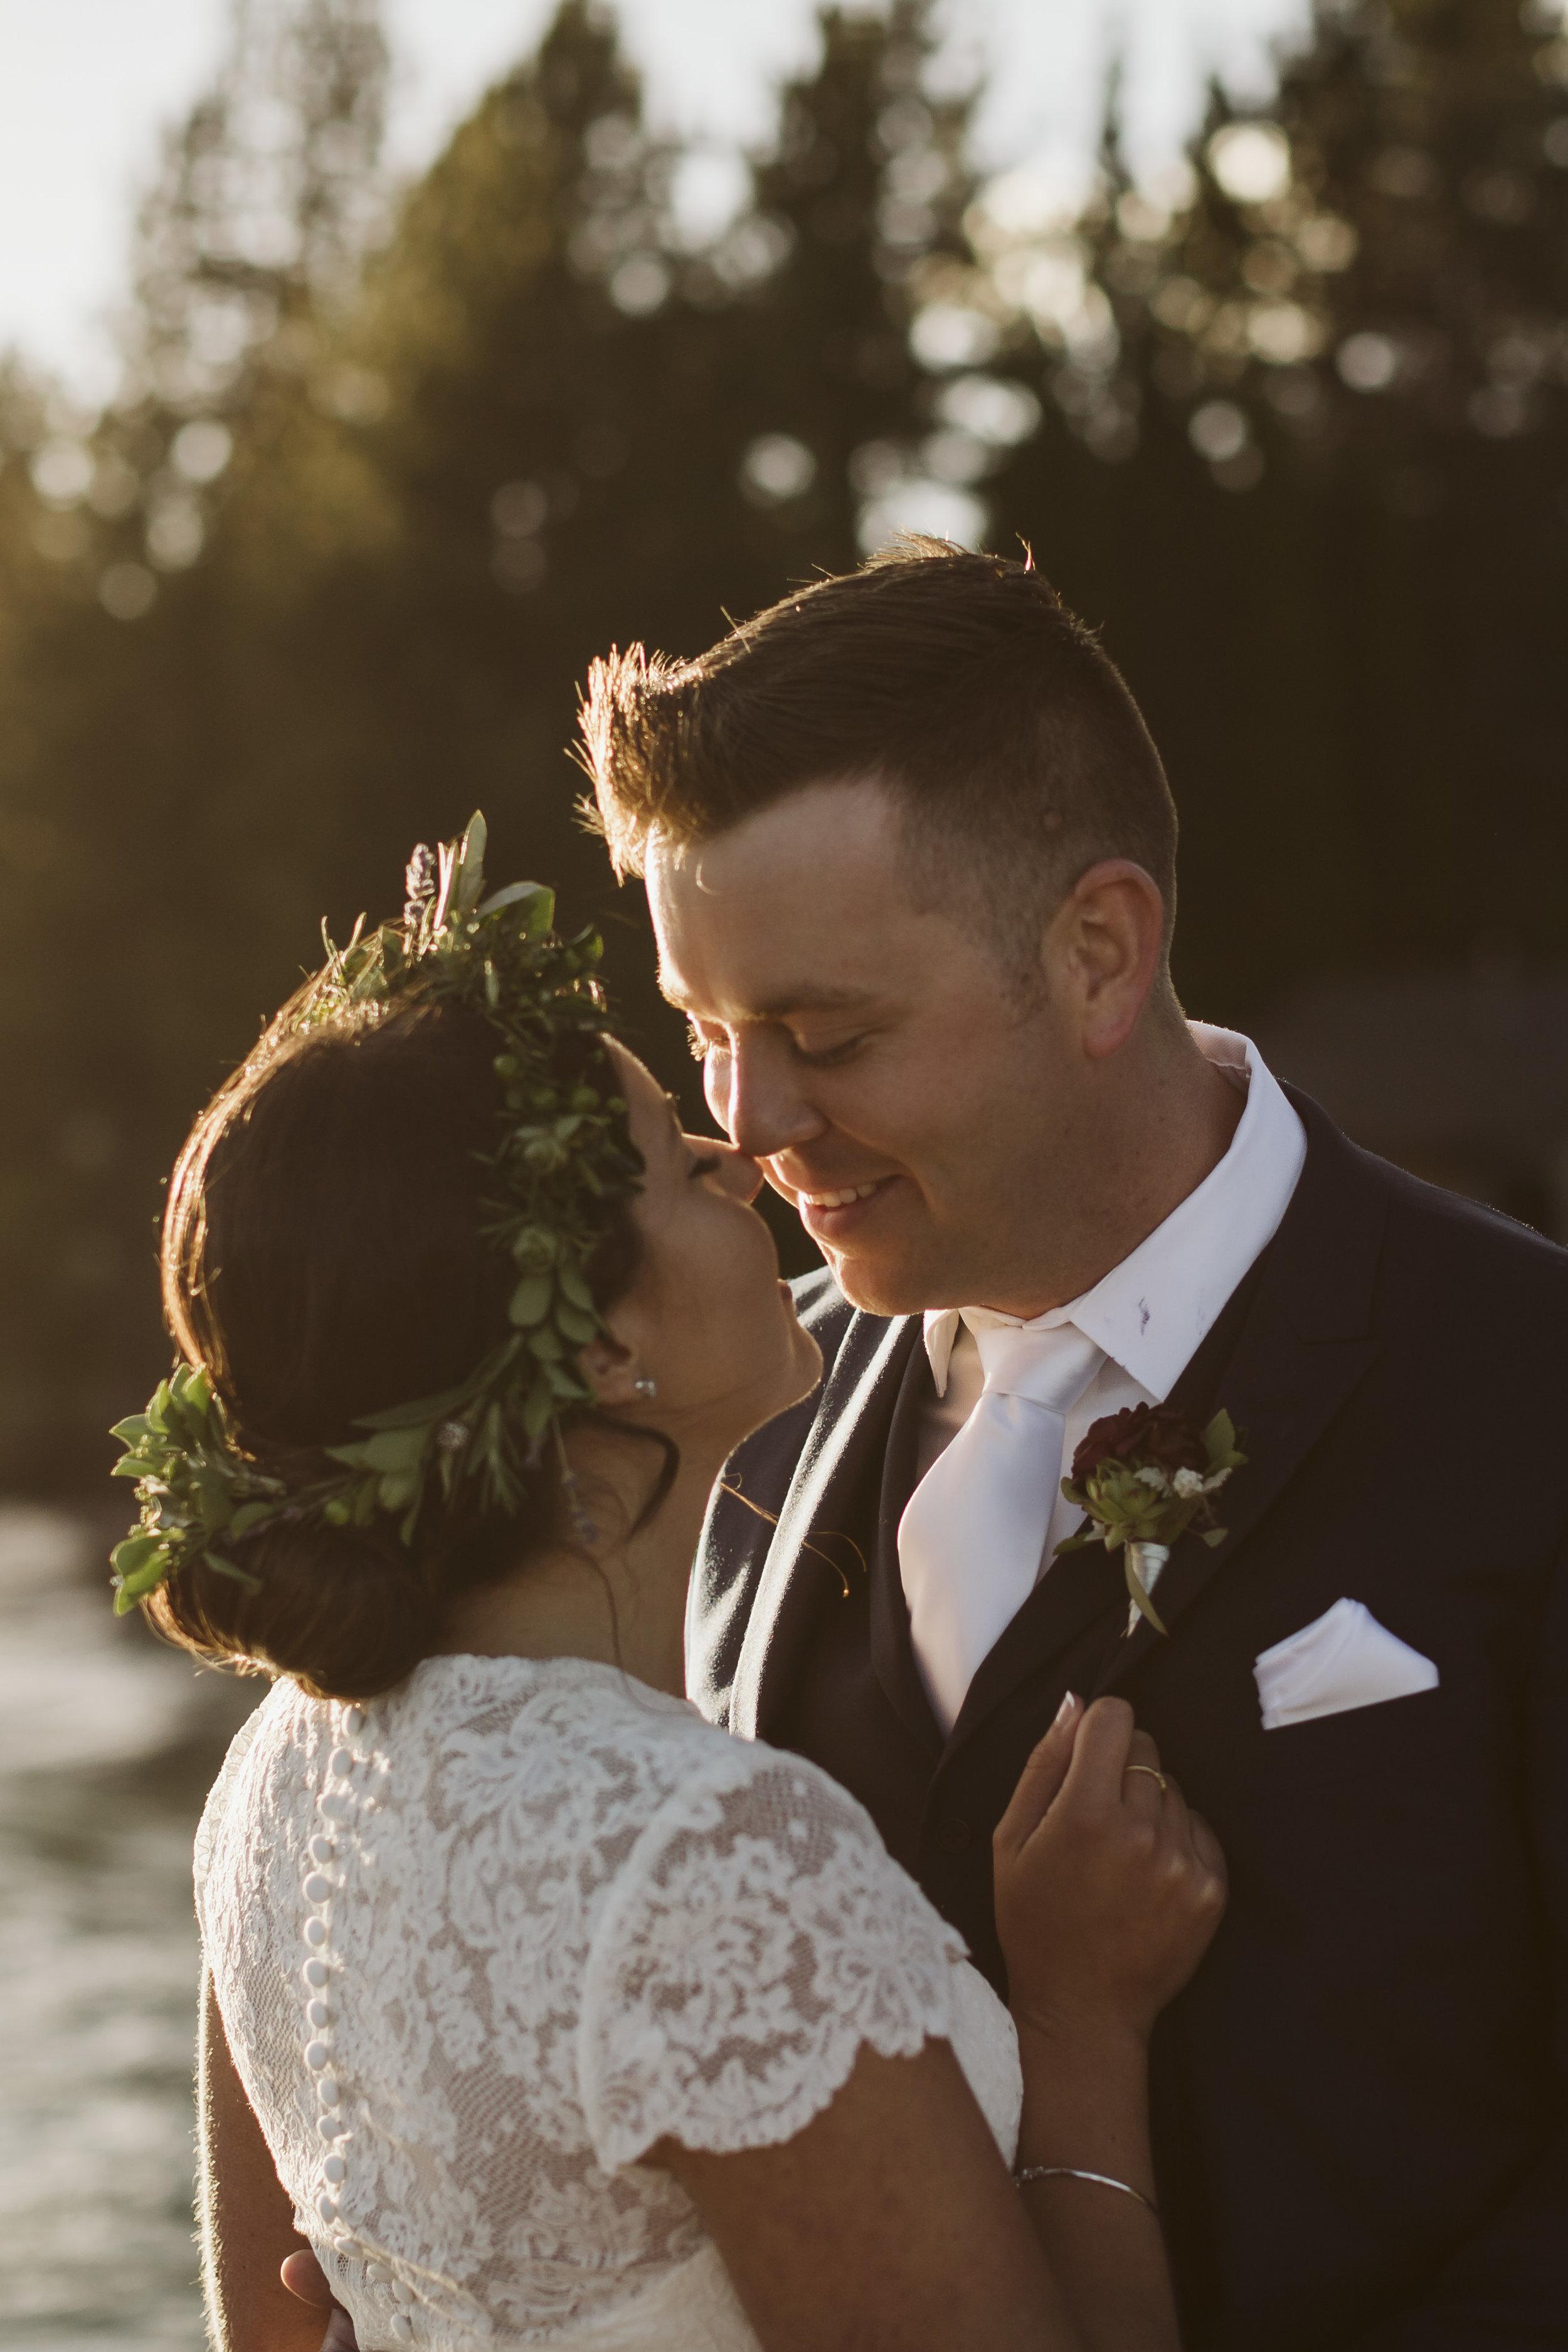 _MG_1883vildphotography-photography-wedding-weddingphotography-tahoewedding-tahoeweddingphotographer-adventurewedding-jake-amy.jpg